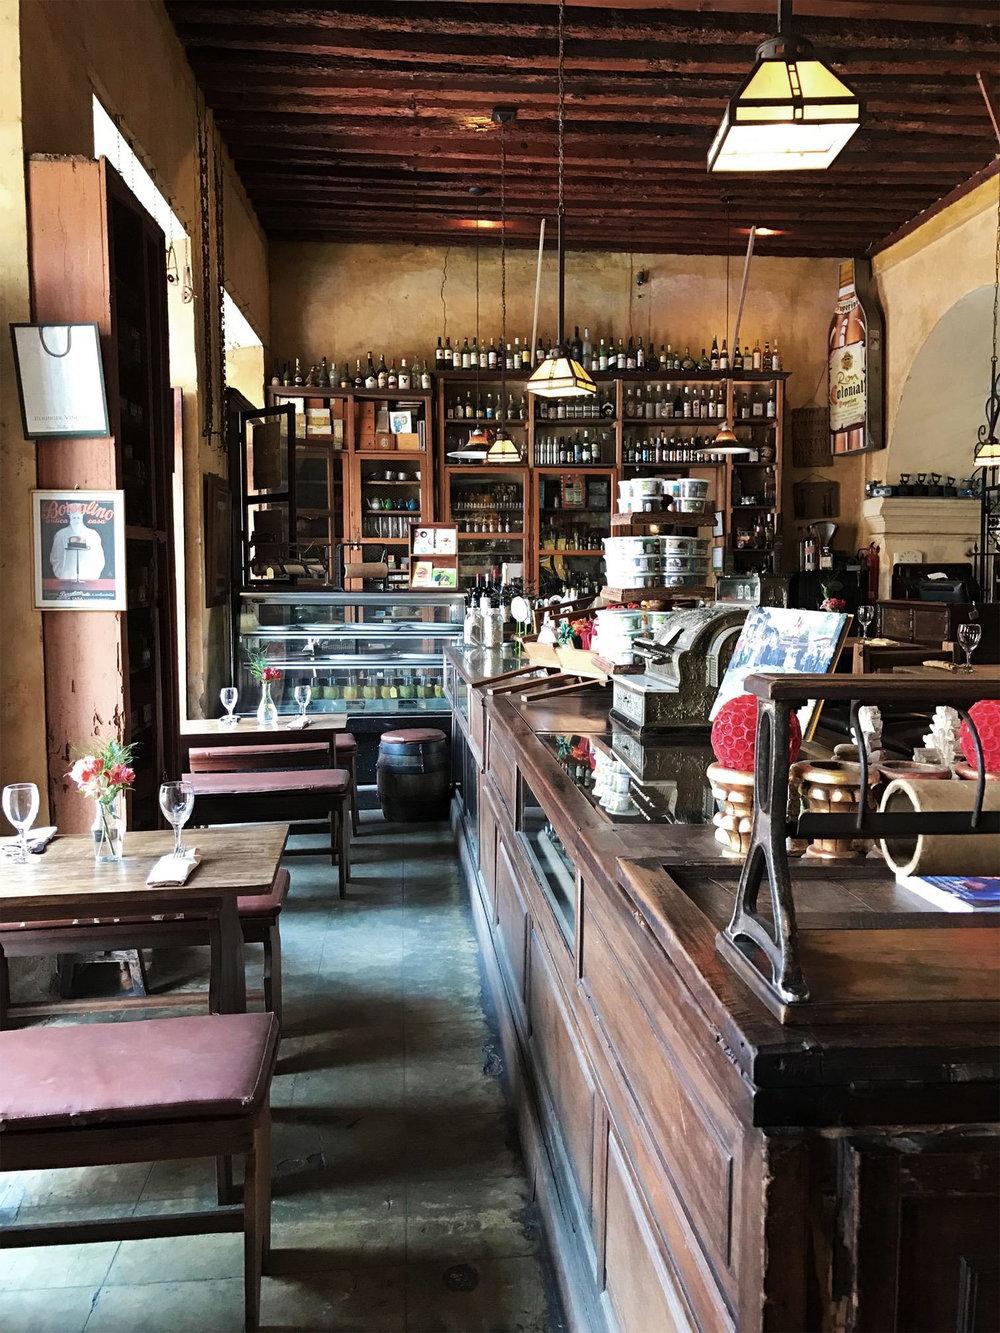 historic restaurant design in Antigua Guatemala